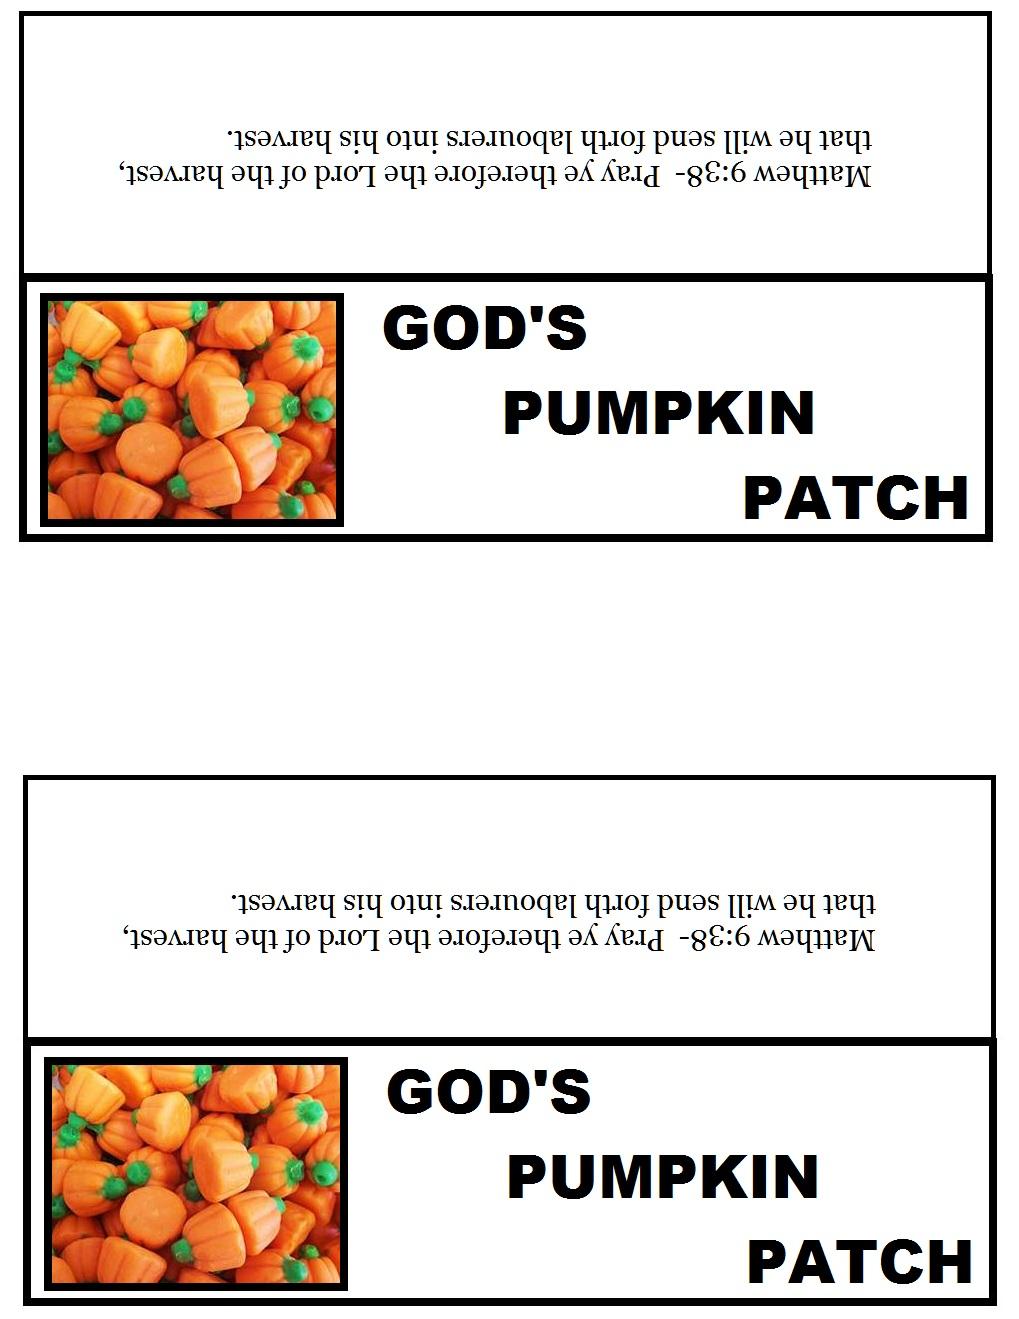 church fall festival themes